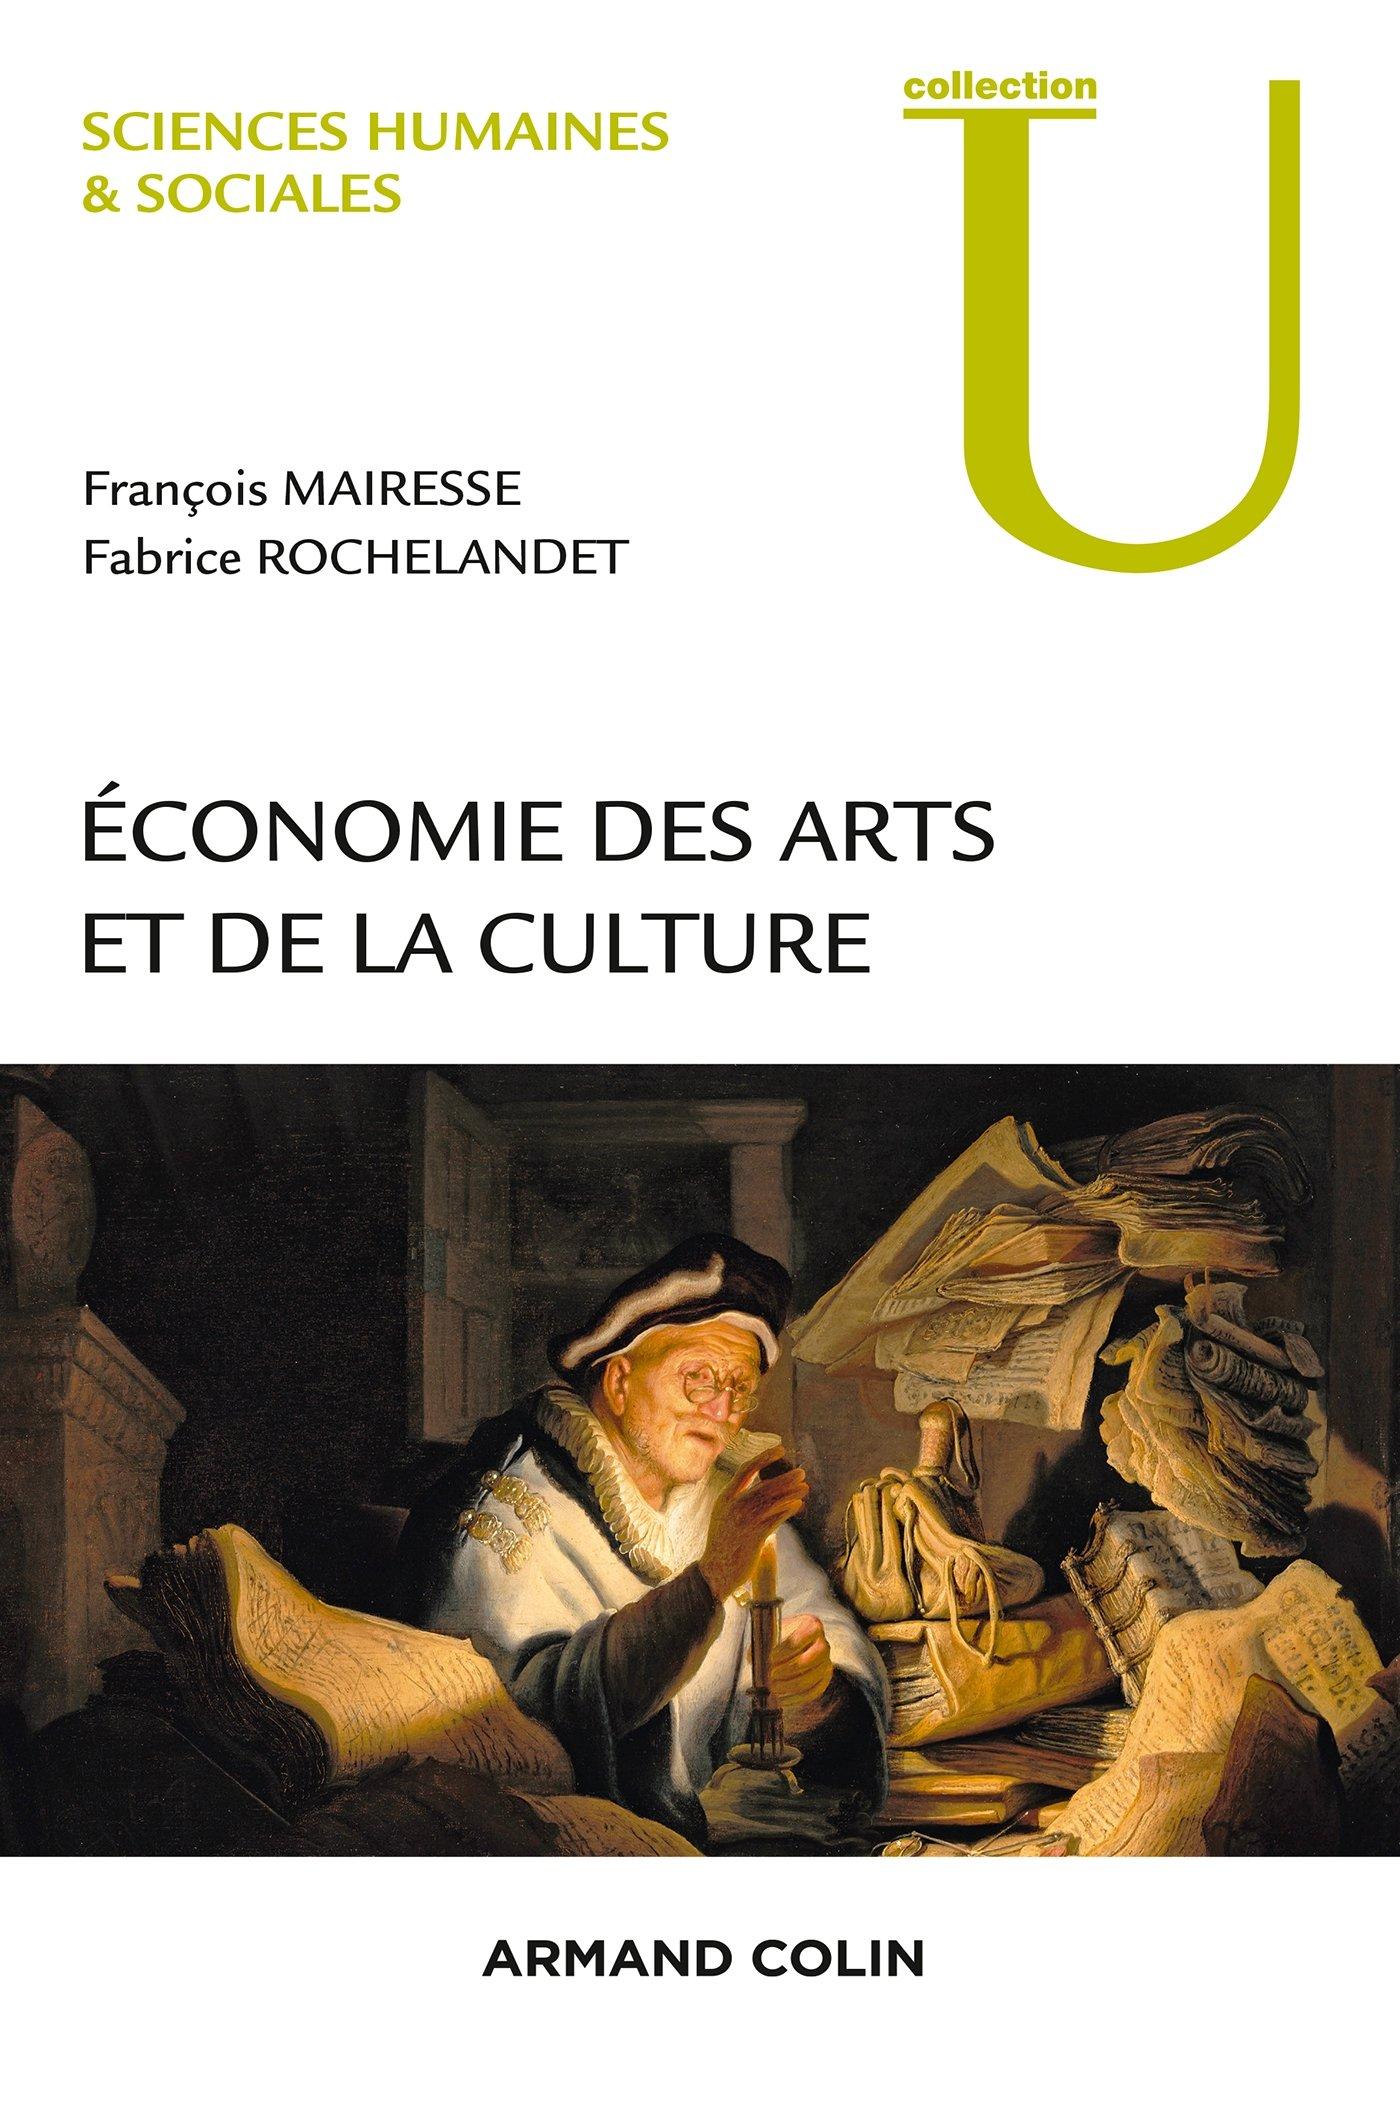 Economie des arts et de la culture Broché – 20 mai 2015 François Mairesse Fabrice Rochelandet Armand Colin 2200277415